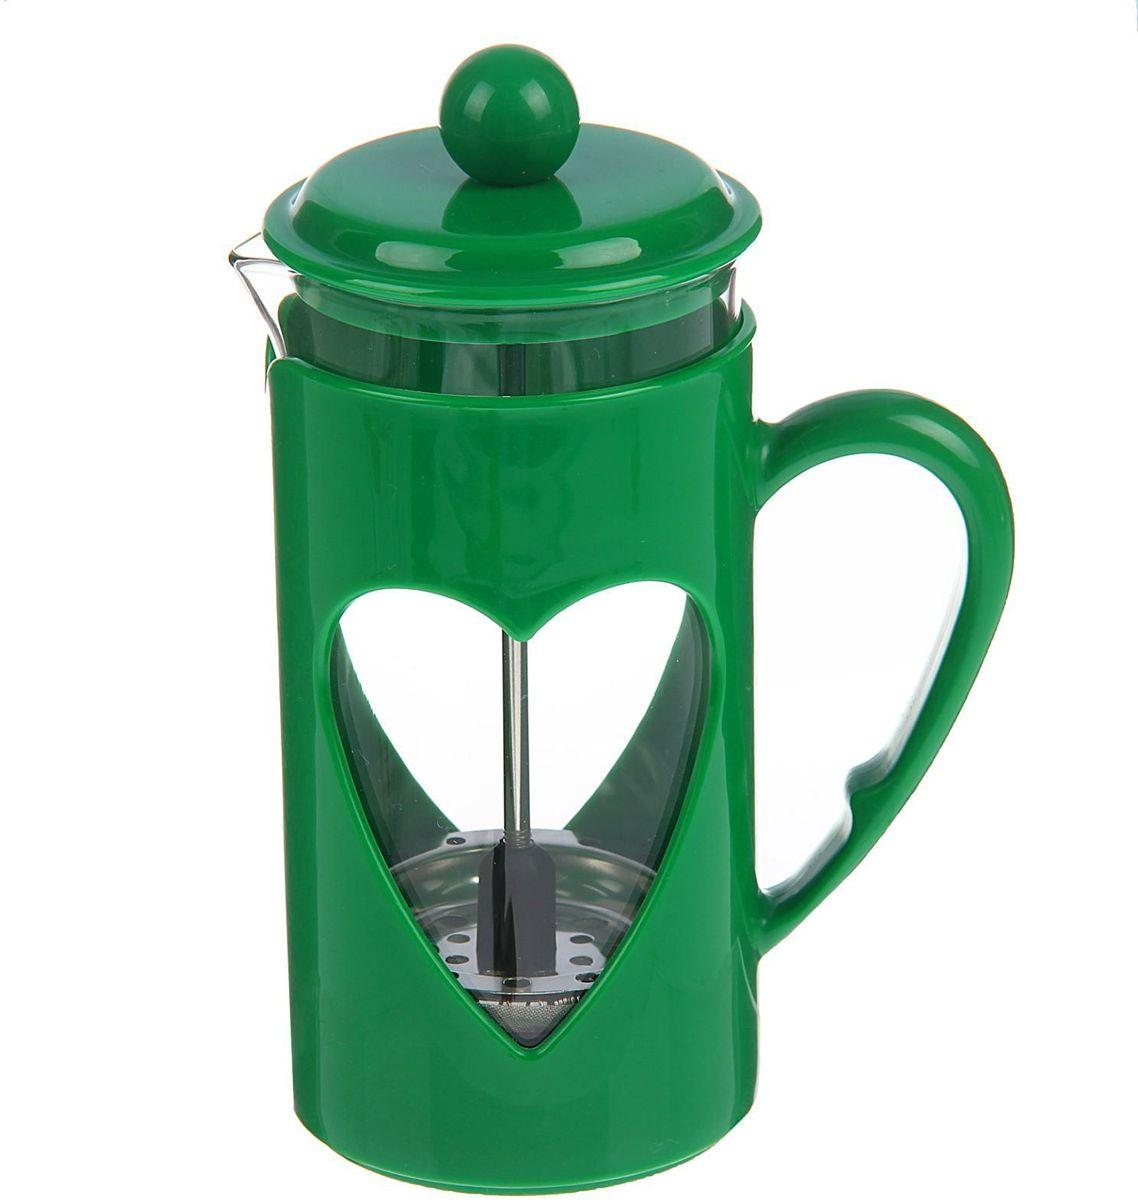 """Френч-пресс Доляна """"Комплимент"""" - замечательное приспособление для приготовления чая и кофе. Он пользуется огромным спросом у любителей этих напитков, ведь изделие довольно простое в использовании и имеет ряд преимуществ. Чай в нем быстрее заваривается, емкость позволяет наиболее полно раскрыться вкусовым качествам напитка. Вы можете готовить кофе и чай с любимыми специями и травами. Чтобы приготовить кофе, сначала вам нужно перемолоть зерна. Степень помола - грубая. Вскипятите воду. Насыпьте кофе в изделие и медленно залейте его кипятком из чайника. Наполните приспособление до середины, подождите 1 минуту и долейте остальное. Накройте крышкой, пусть напиток настоится еще 3 минуты. Медленно опустите поршень. Оставьте кофе на 3 минуты, чтобы опустился осадок. Ваш напиток готов!"""